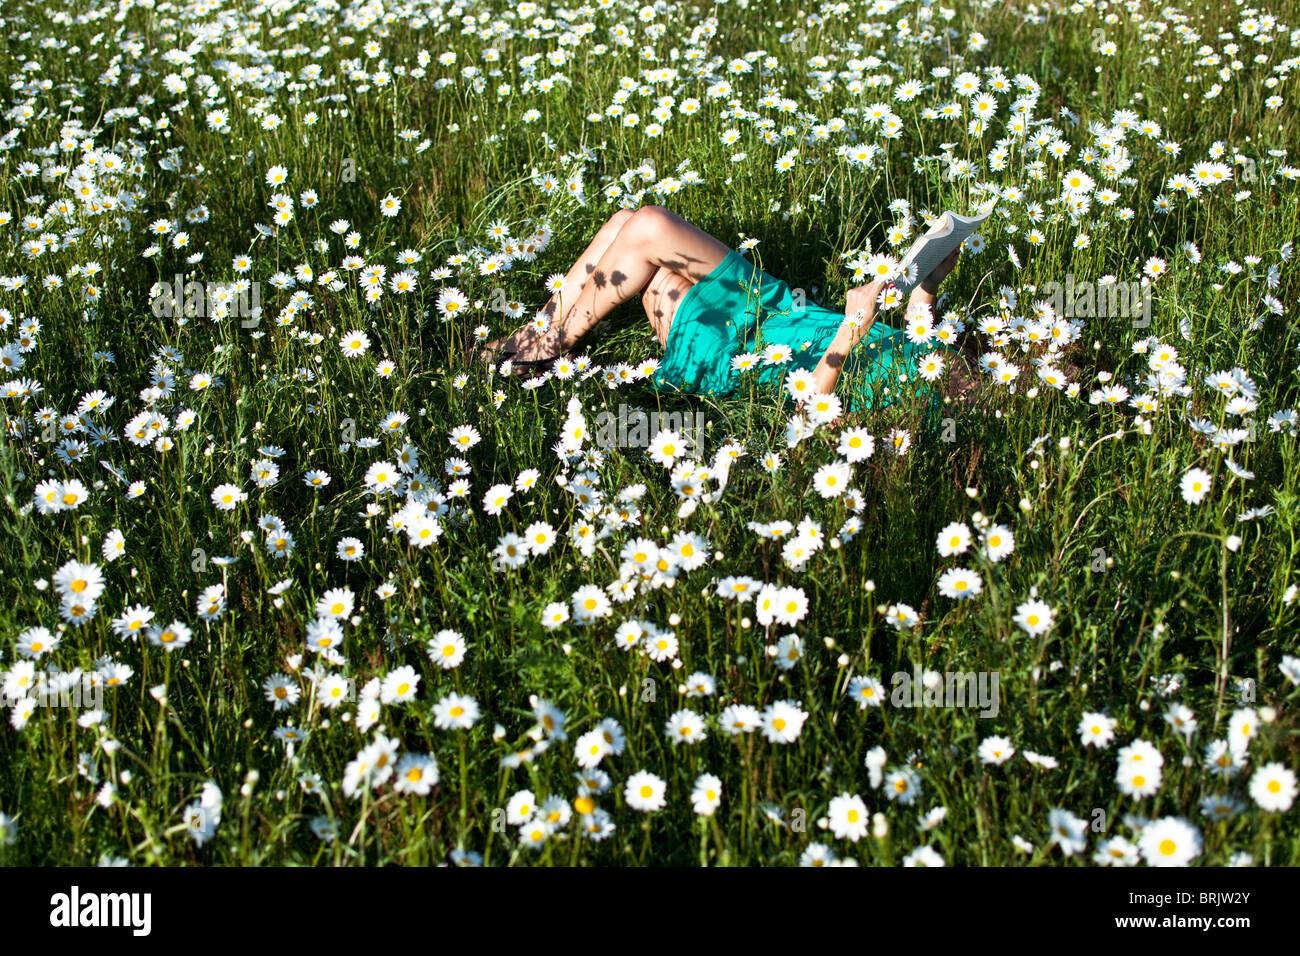 Une jeune femme bénéficie d'un moment tout à fait la lecture d'un livre dans un champ de Photo Stock